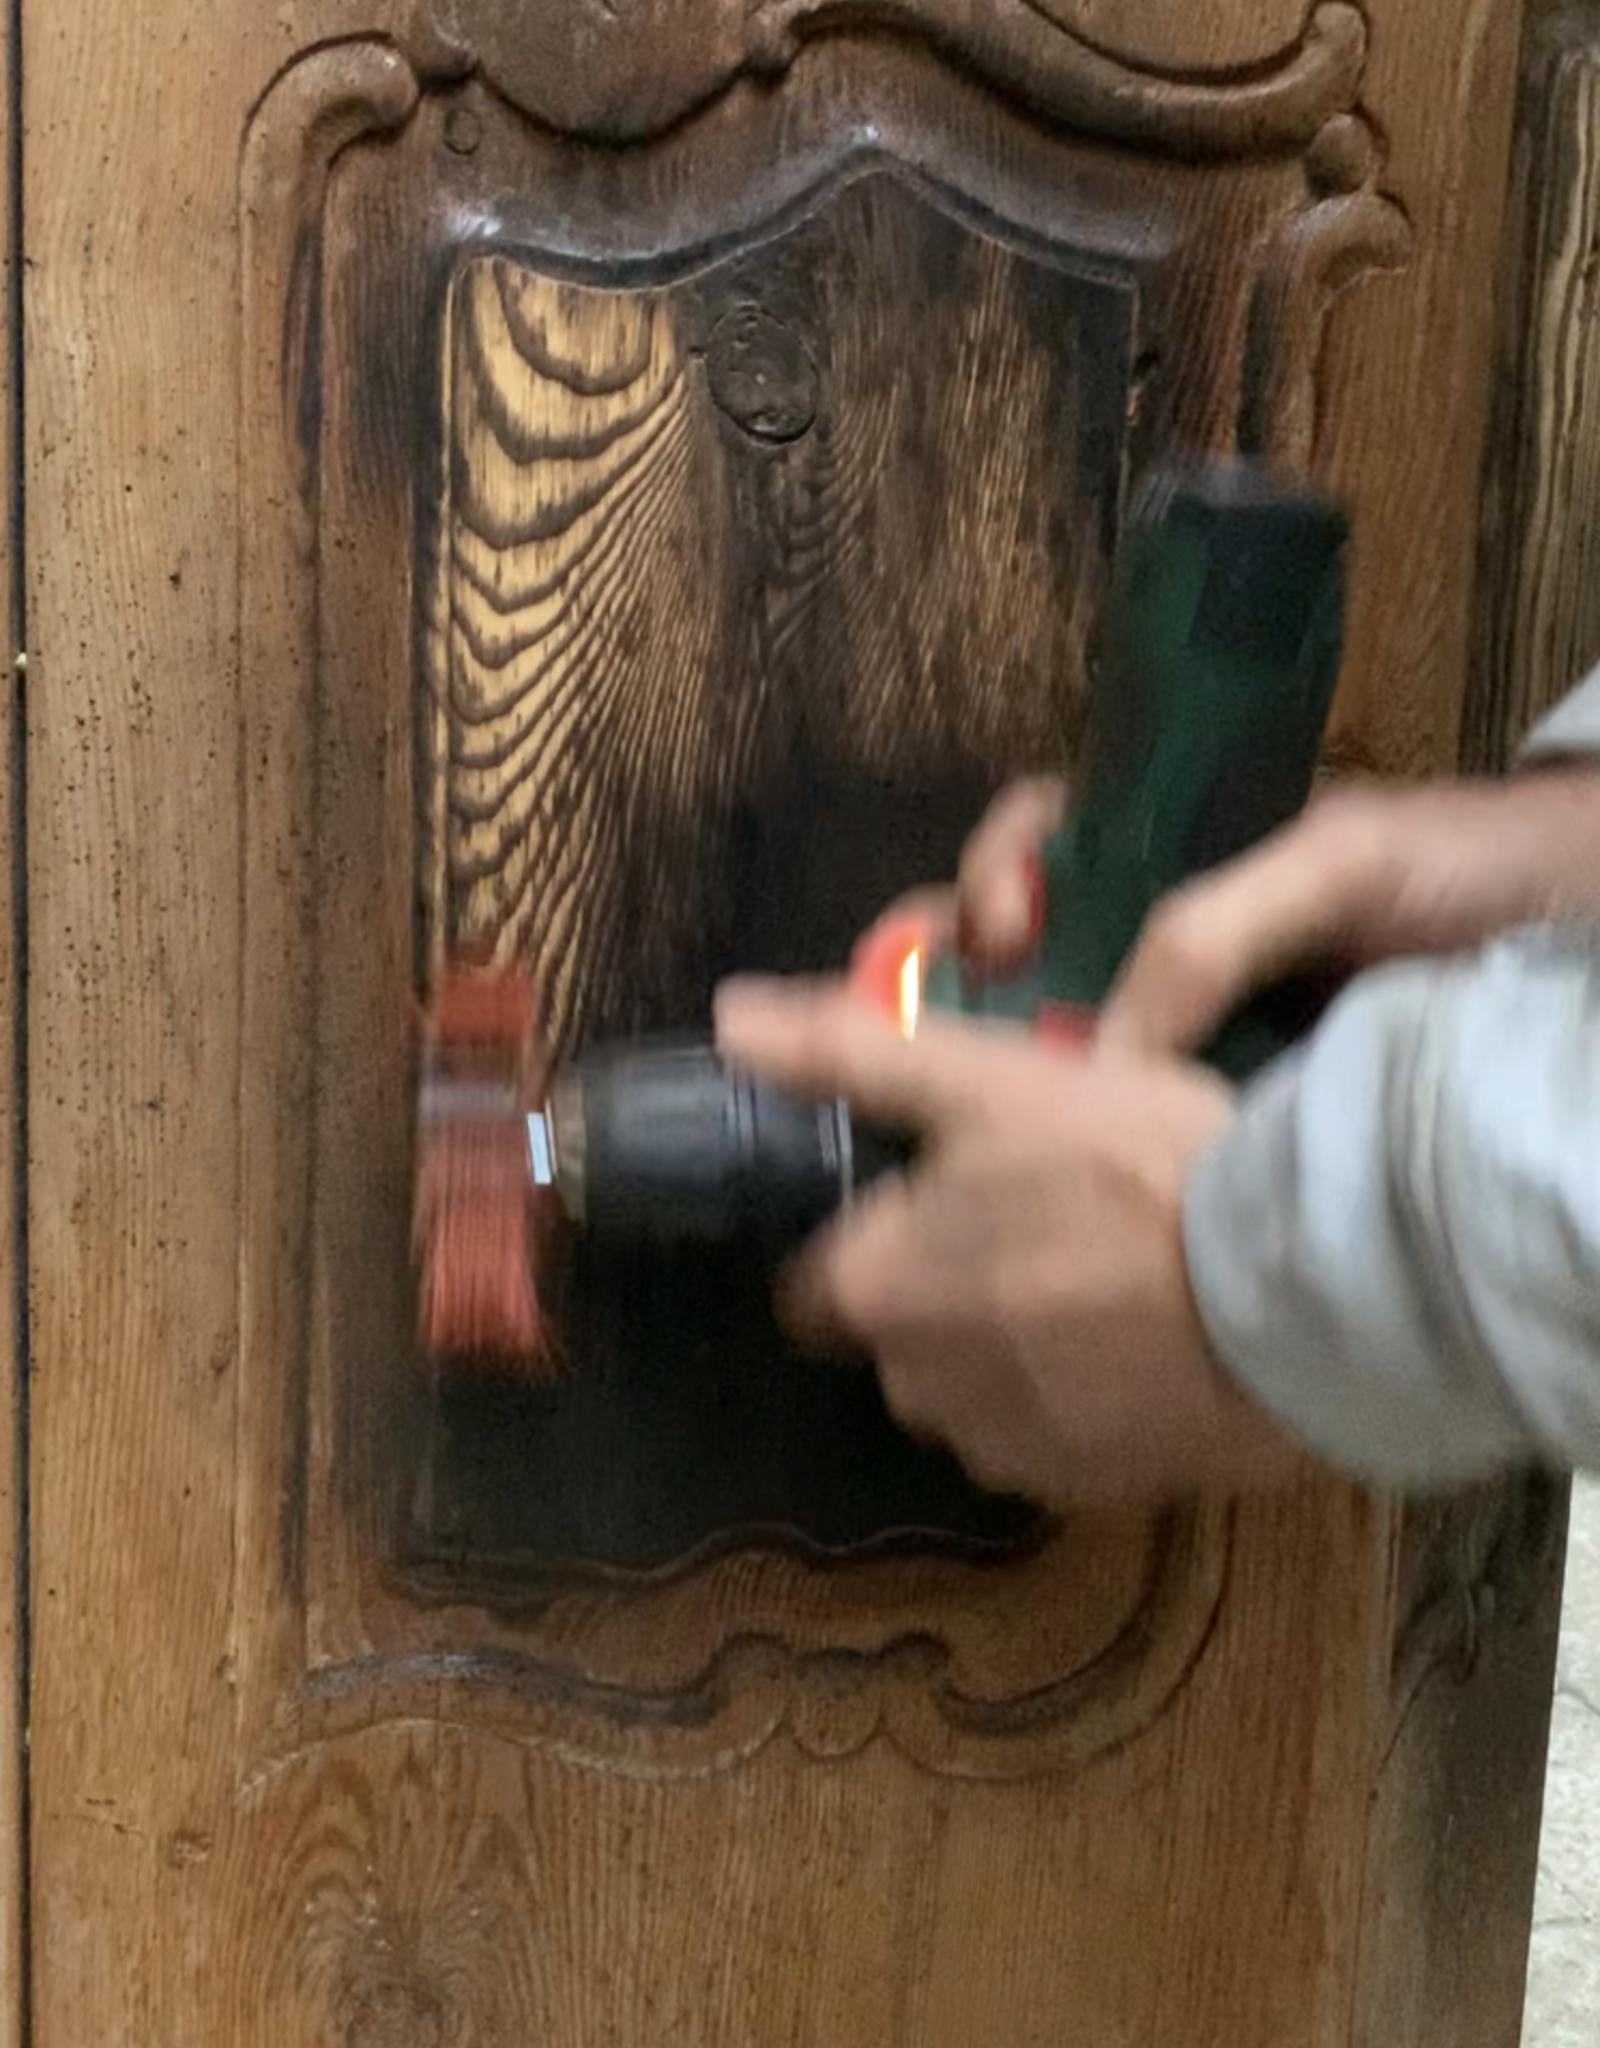 Antiker Bauernschrank aufwendig renoviert in einer alten japanischen Technik. Flamed Wood  Technik bearbeitet